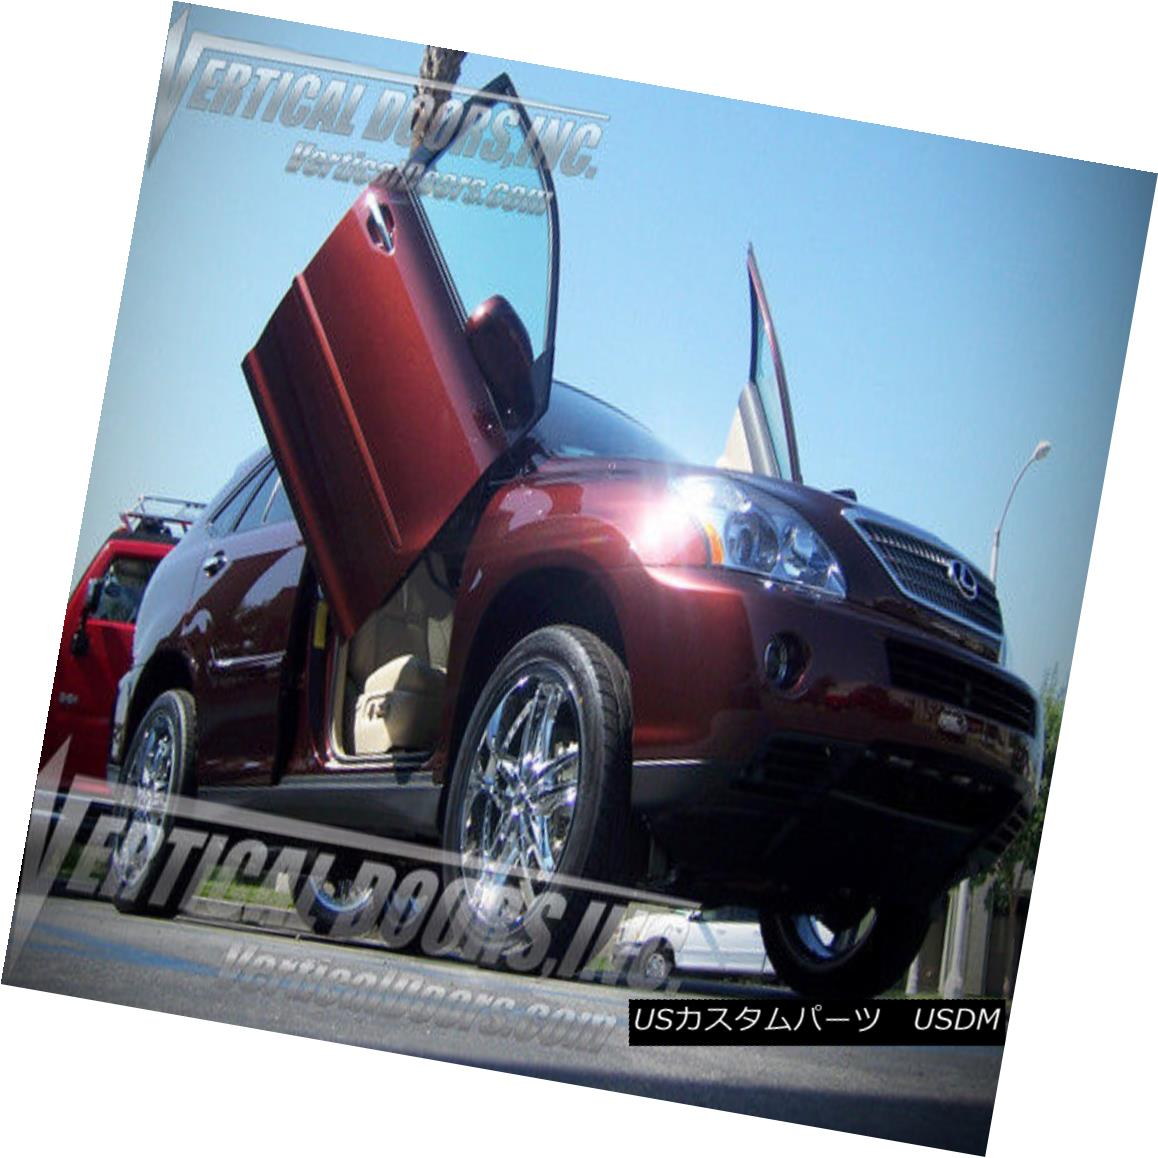 ガルウィングキット VDCLEXRX0409 Direct Bolt On Vertical Lambo Doors Hinges Kit With Warranty VDCLEXRX0409保証付き垂直Lamboドアヒンジキットのダイレクトボルト